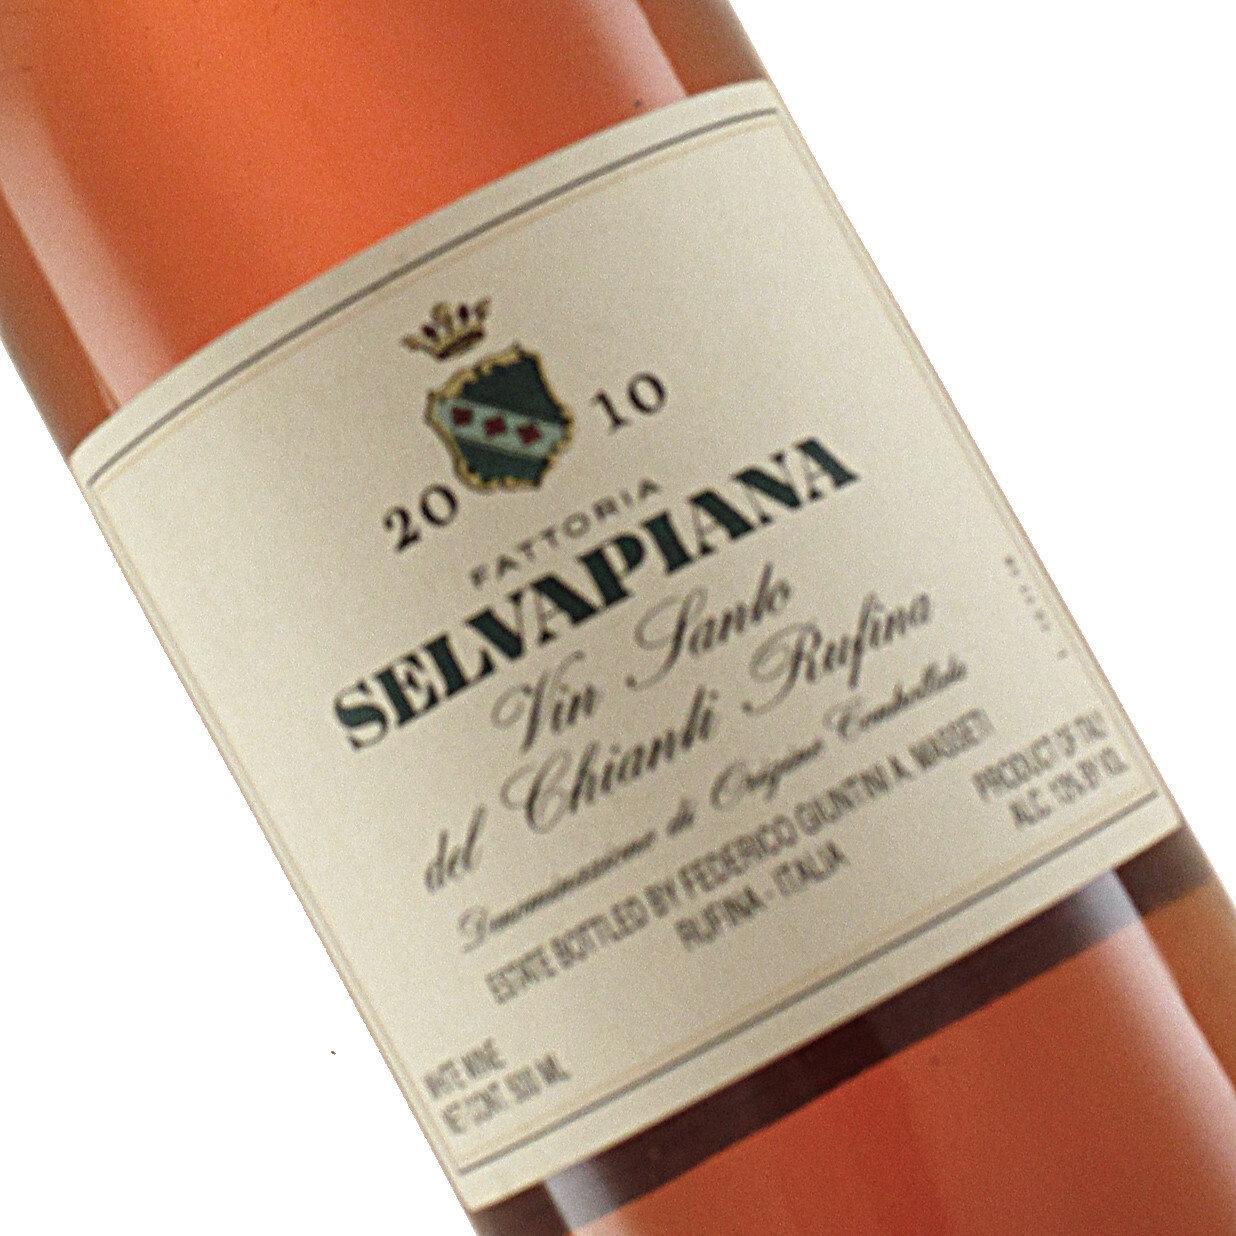 Fattoria Selvapiana Vin Santo del Chianti Rufina 2012 (500 ml)